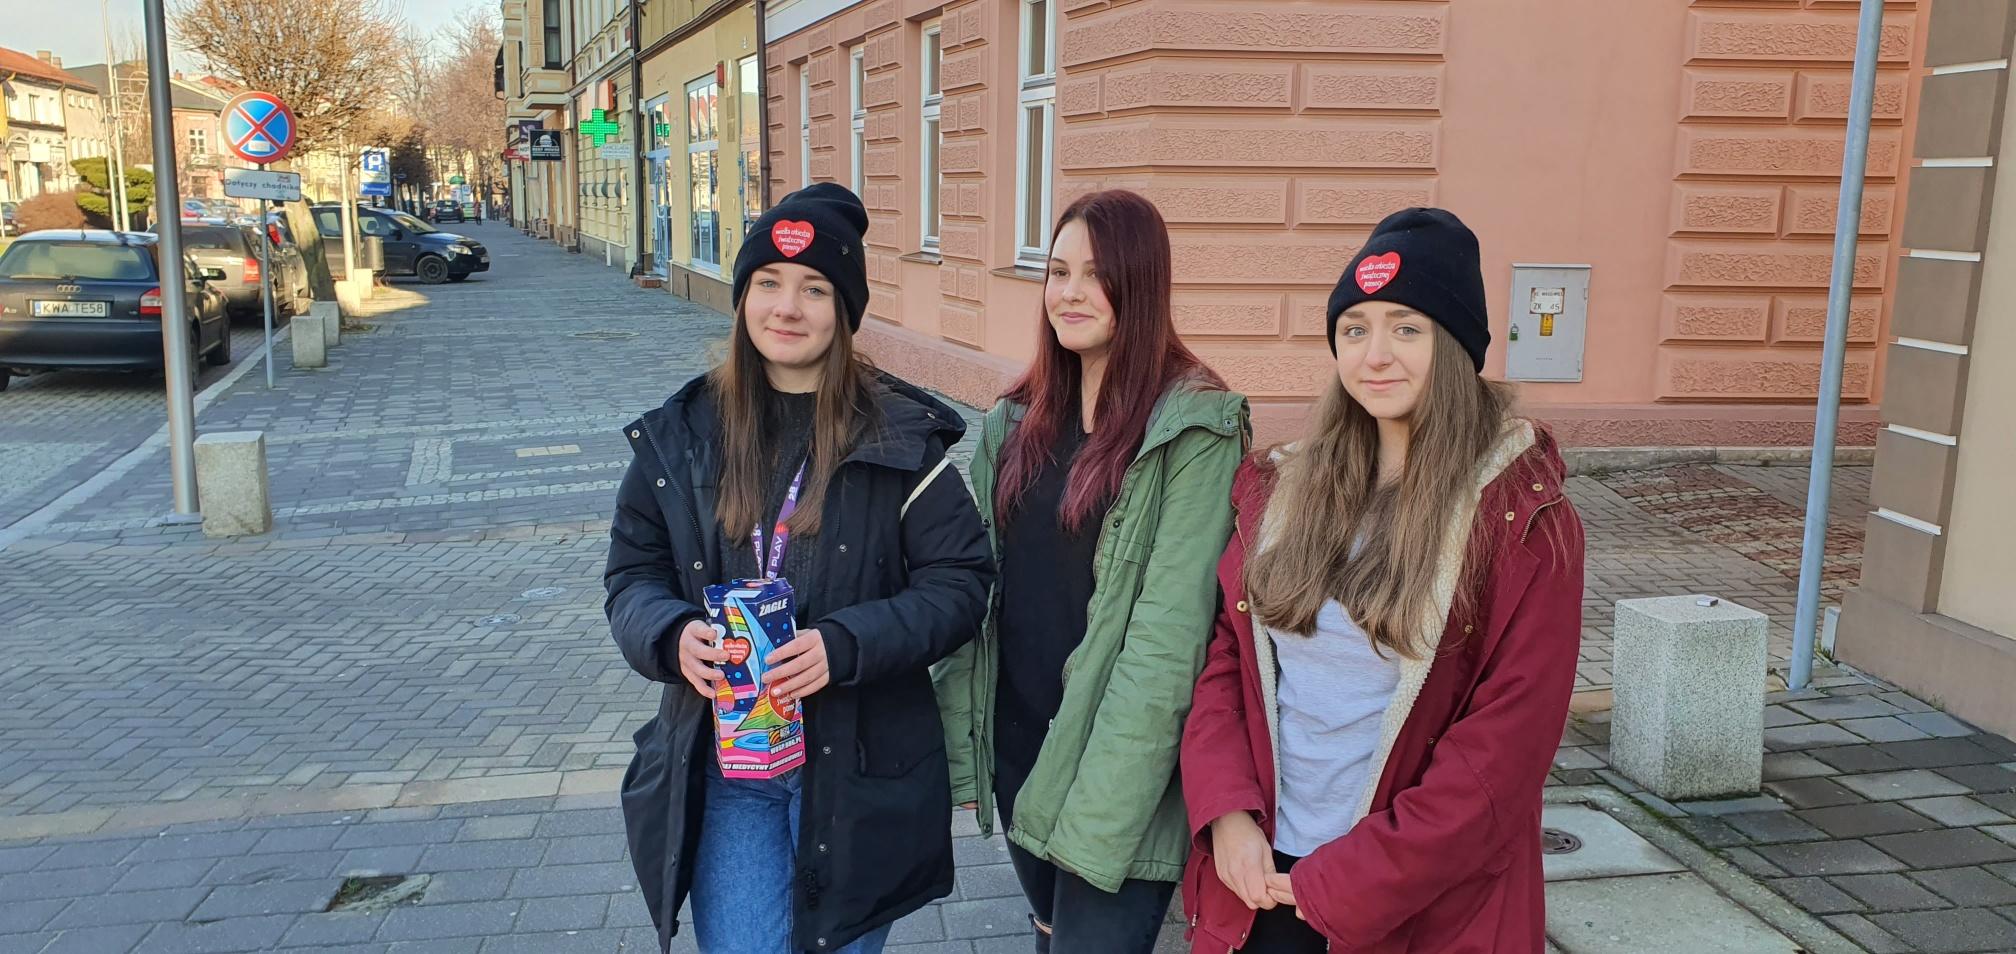 Na ulicach można spotkać wolontariuszy WOŚP